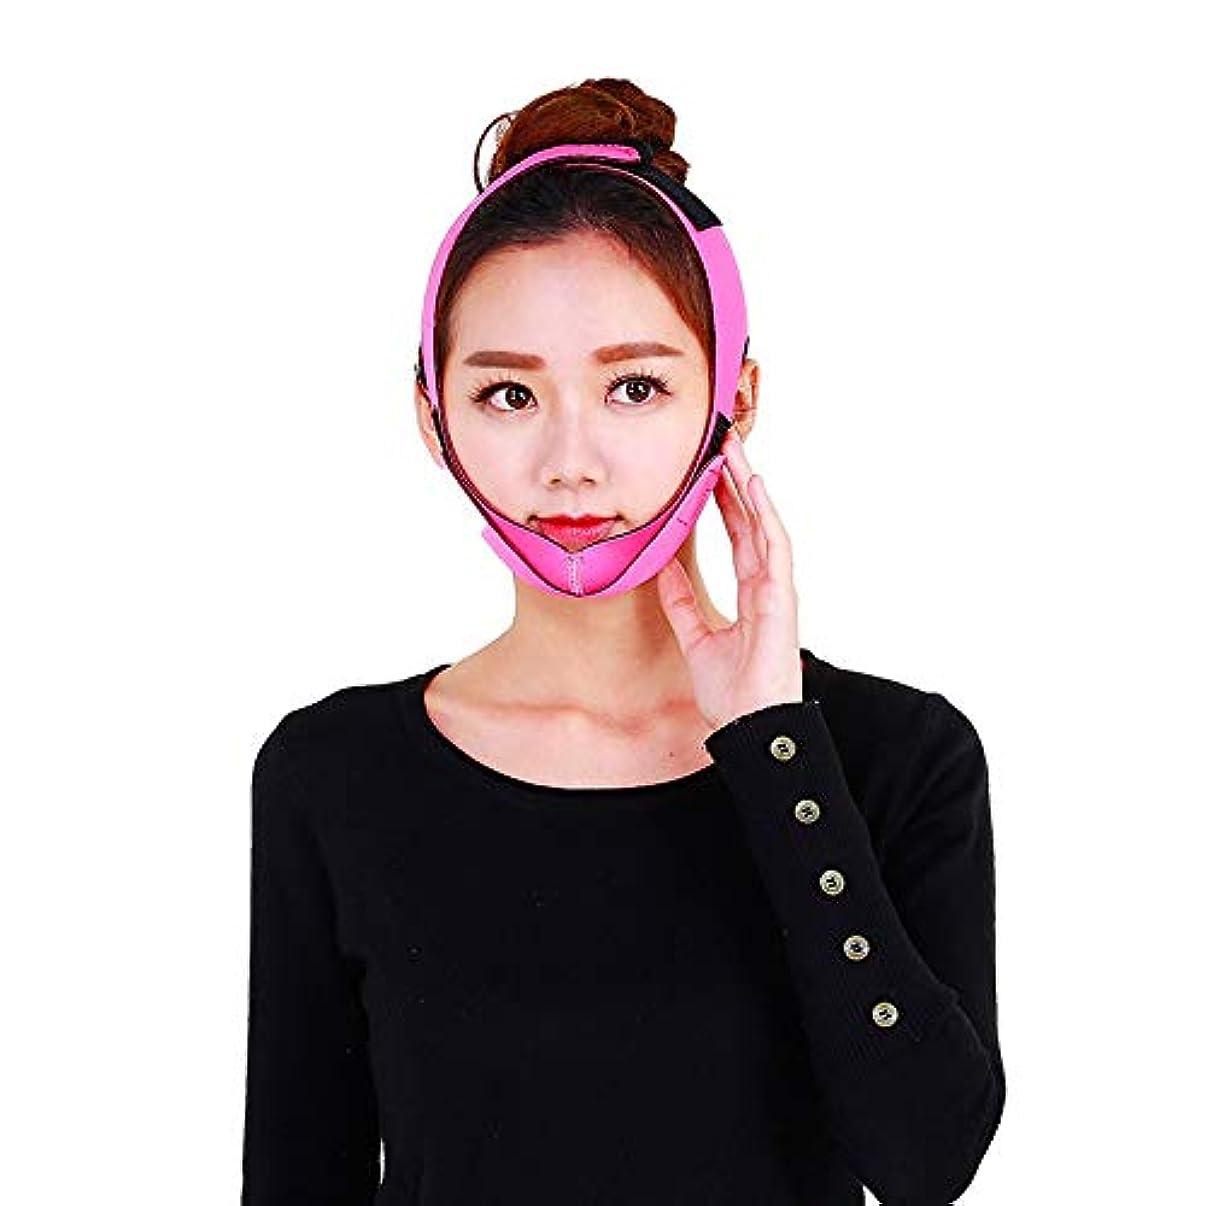 プレゼン尊敬するインクBS 顔の持ち上がる痩身ベルト - 薄い顔包帯二重あごのデバイス無料の顔のマッサージ整形マスクが顔と首を締めます フェイスリフティングアーティファクト